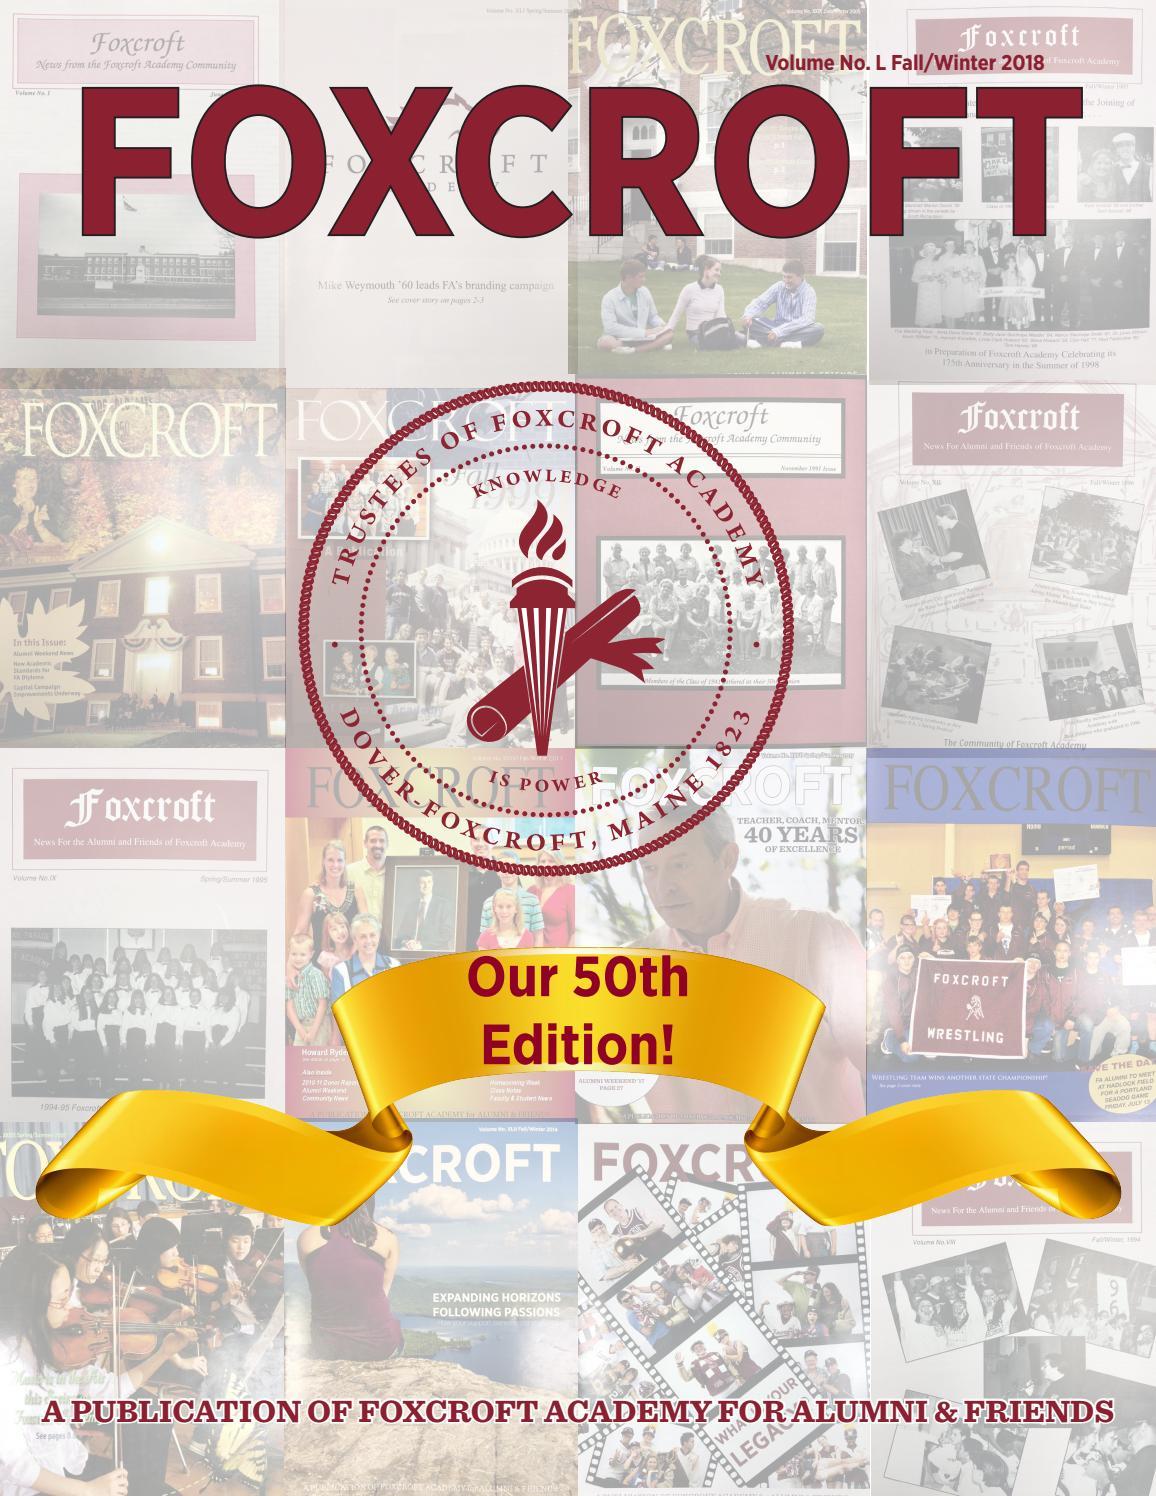 Foxcroft Academy Alumni Magazine Fall 2018 by Foxcroft